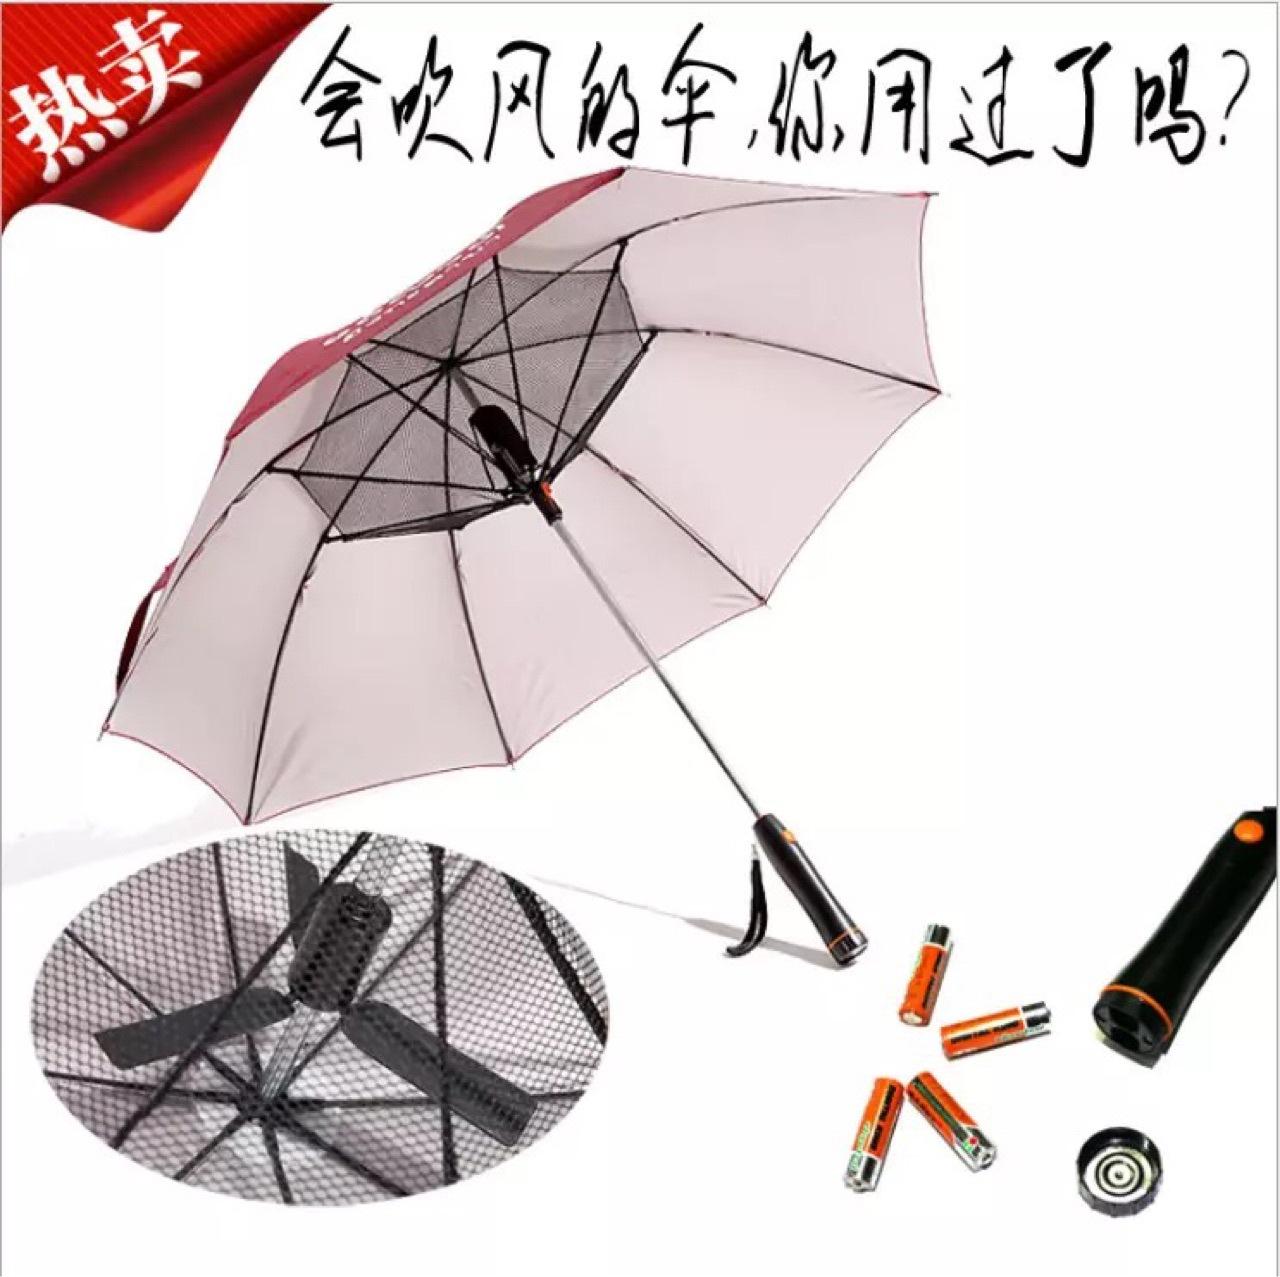 带风扇的伞晴雨两用伞太阳伞遮阳伞新款降温伞风扇伞创意两用防晒